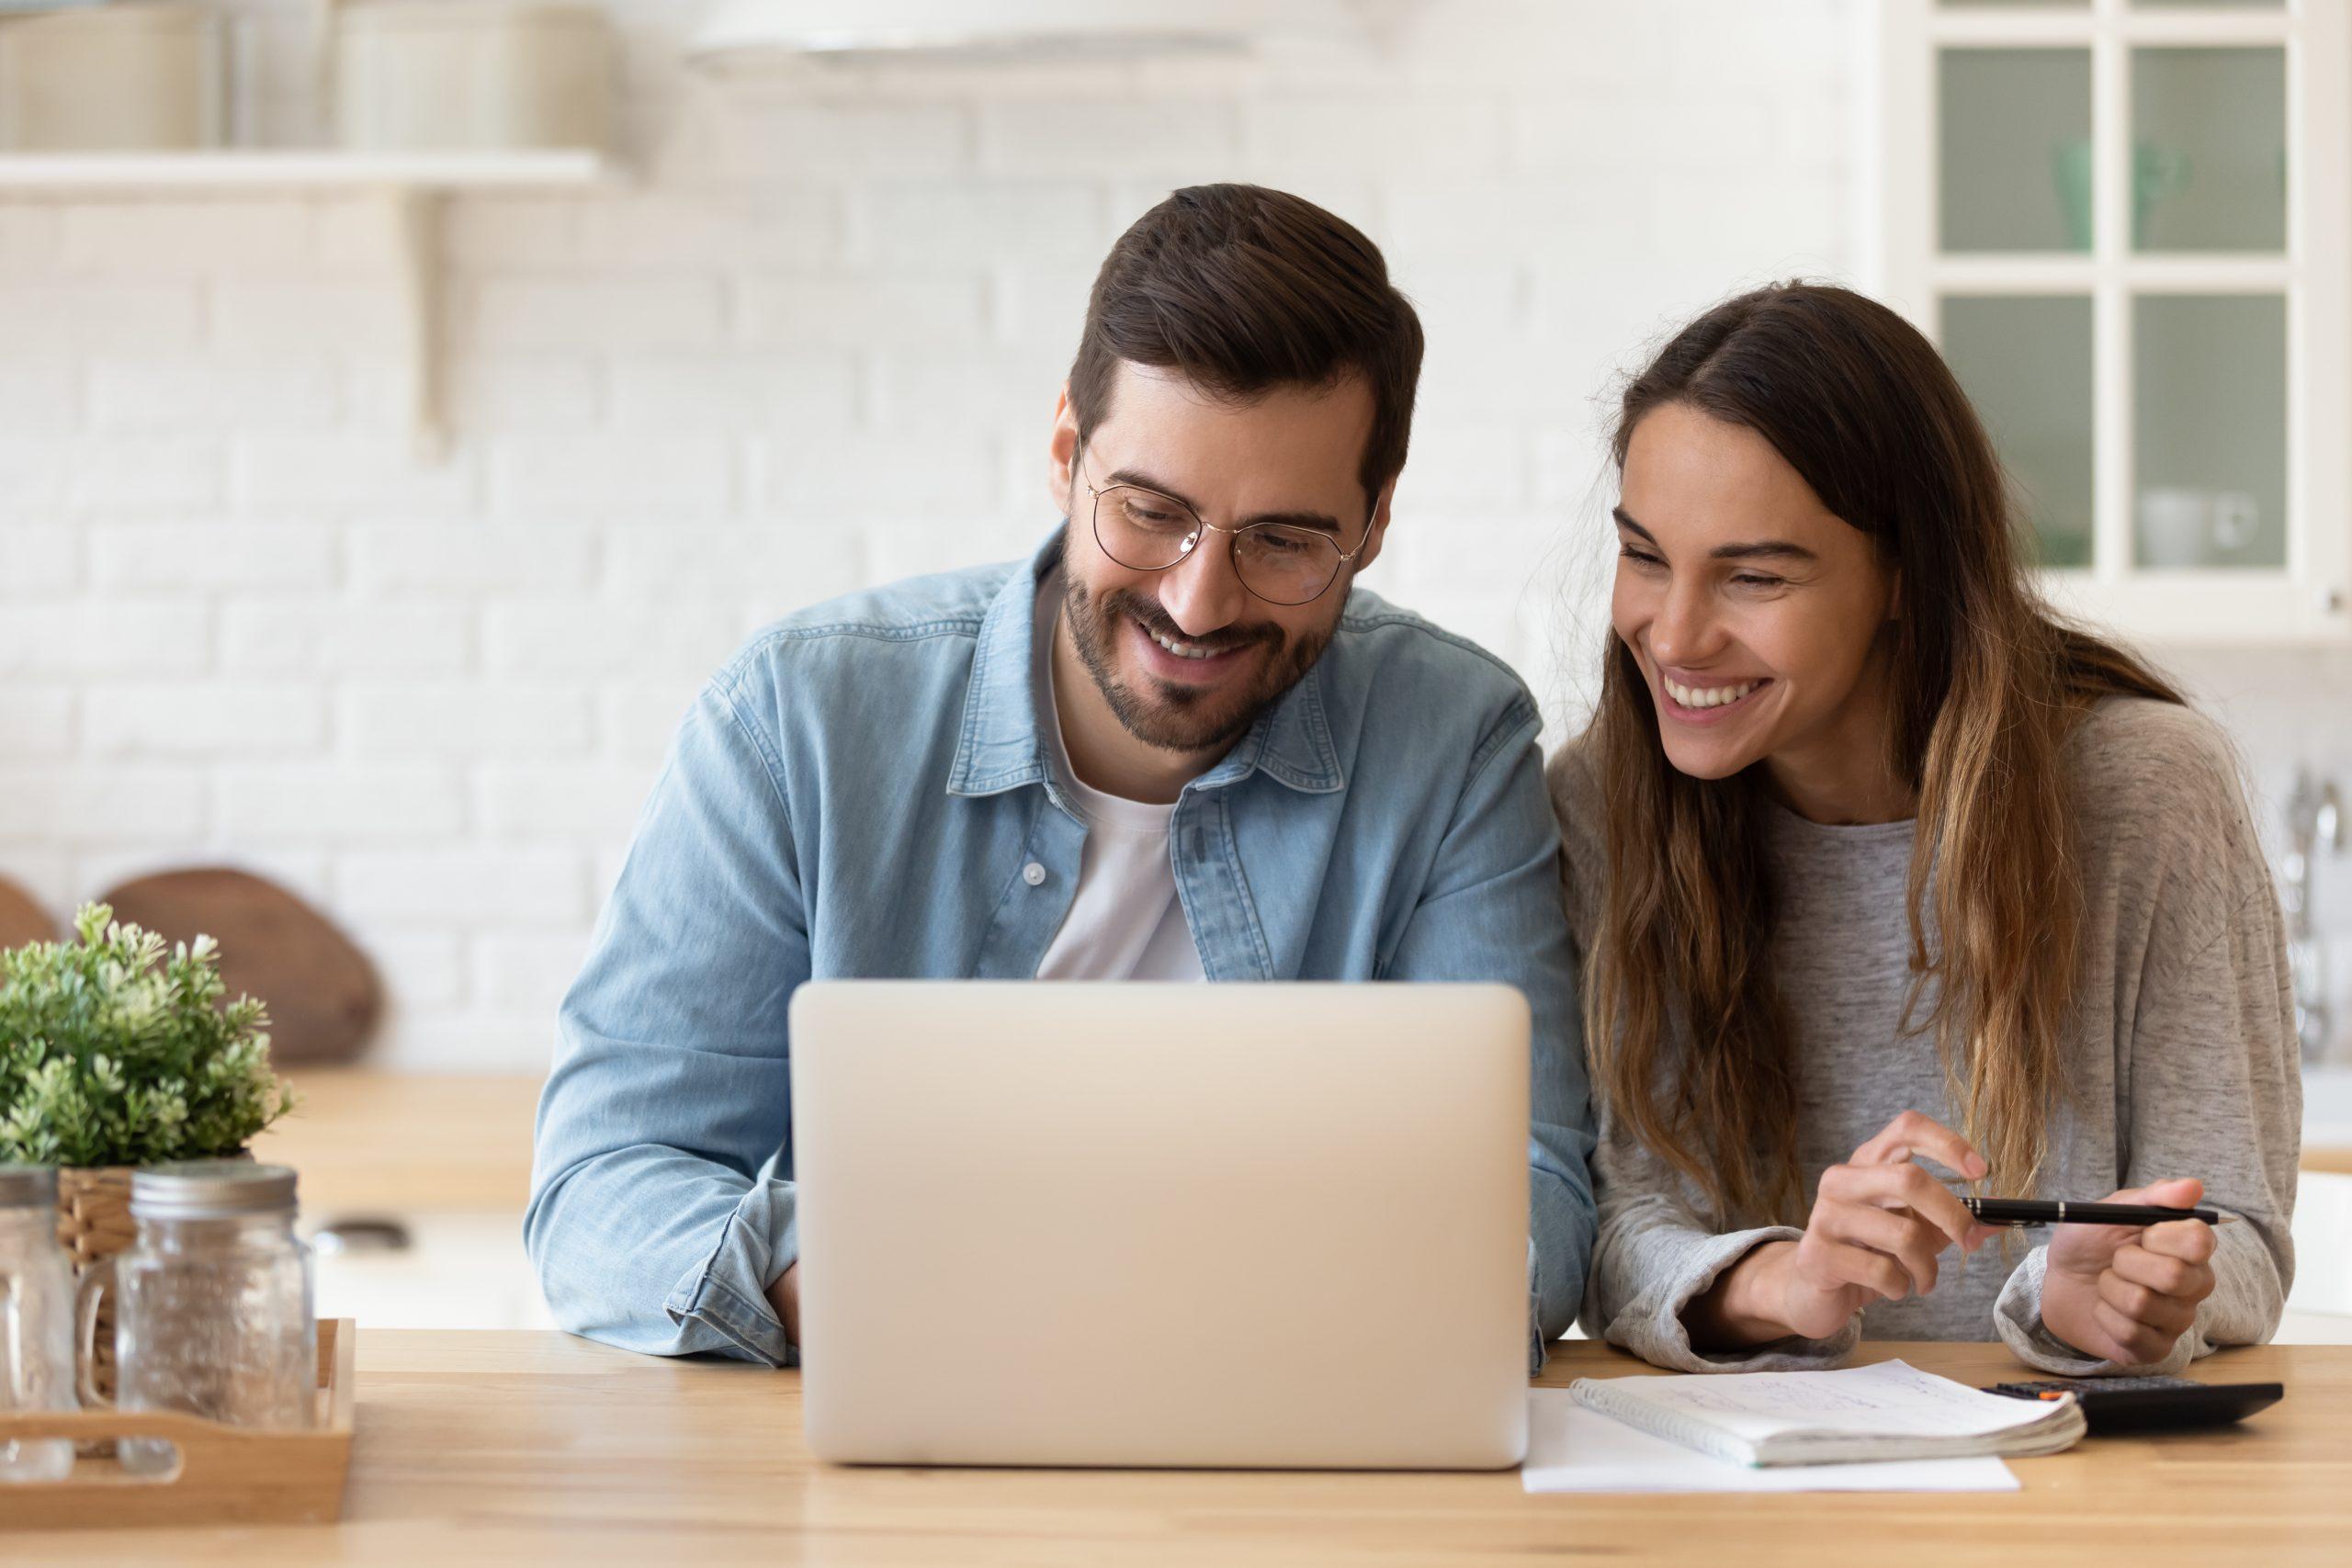 Familienstand eidesstattliche notar erklärung Eidesstattliche Versicherung